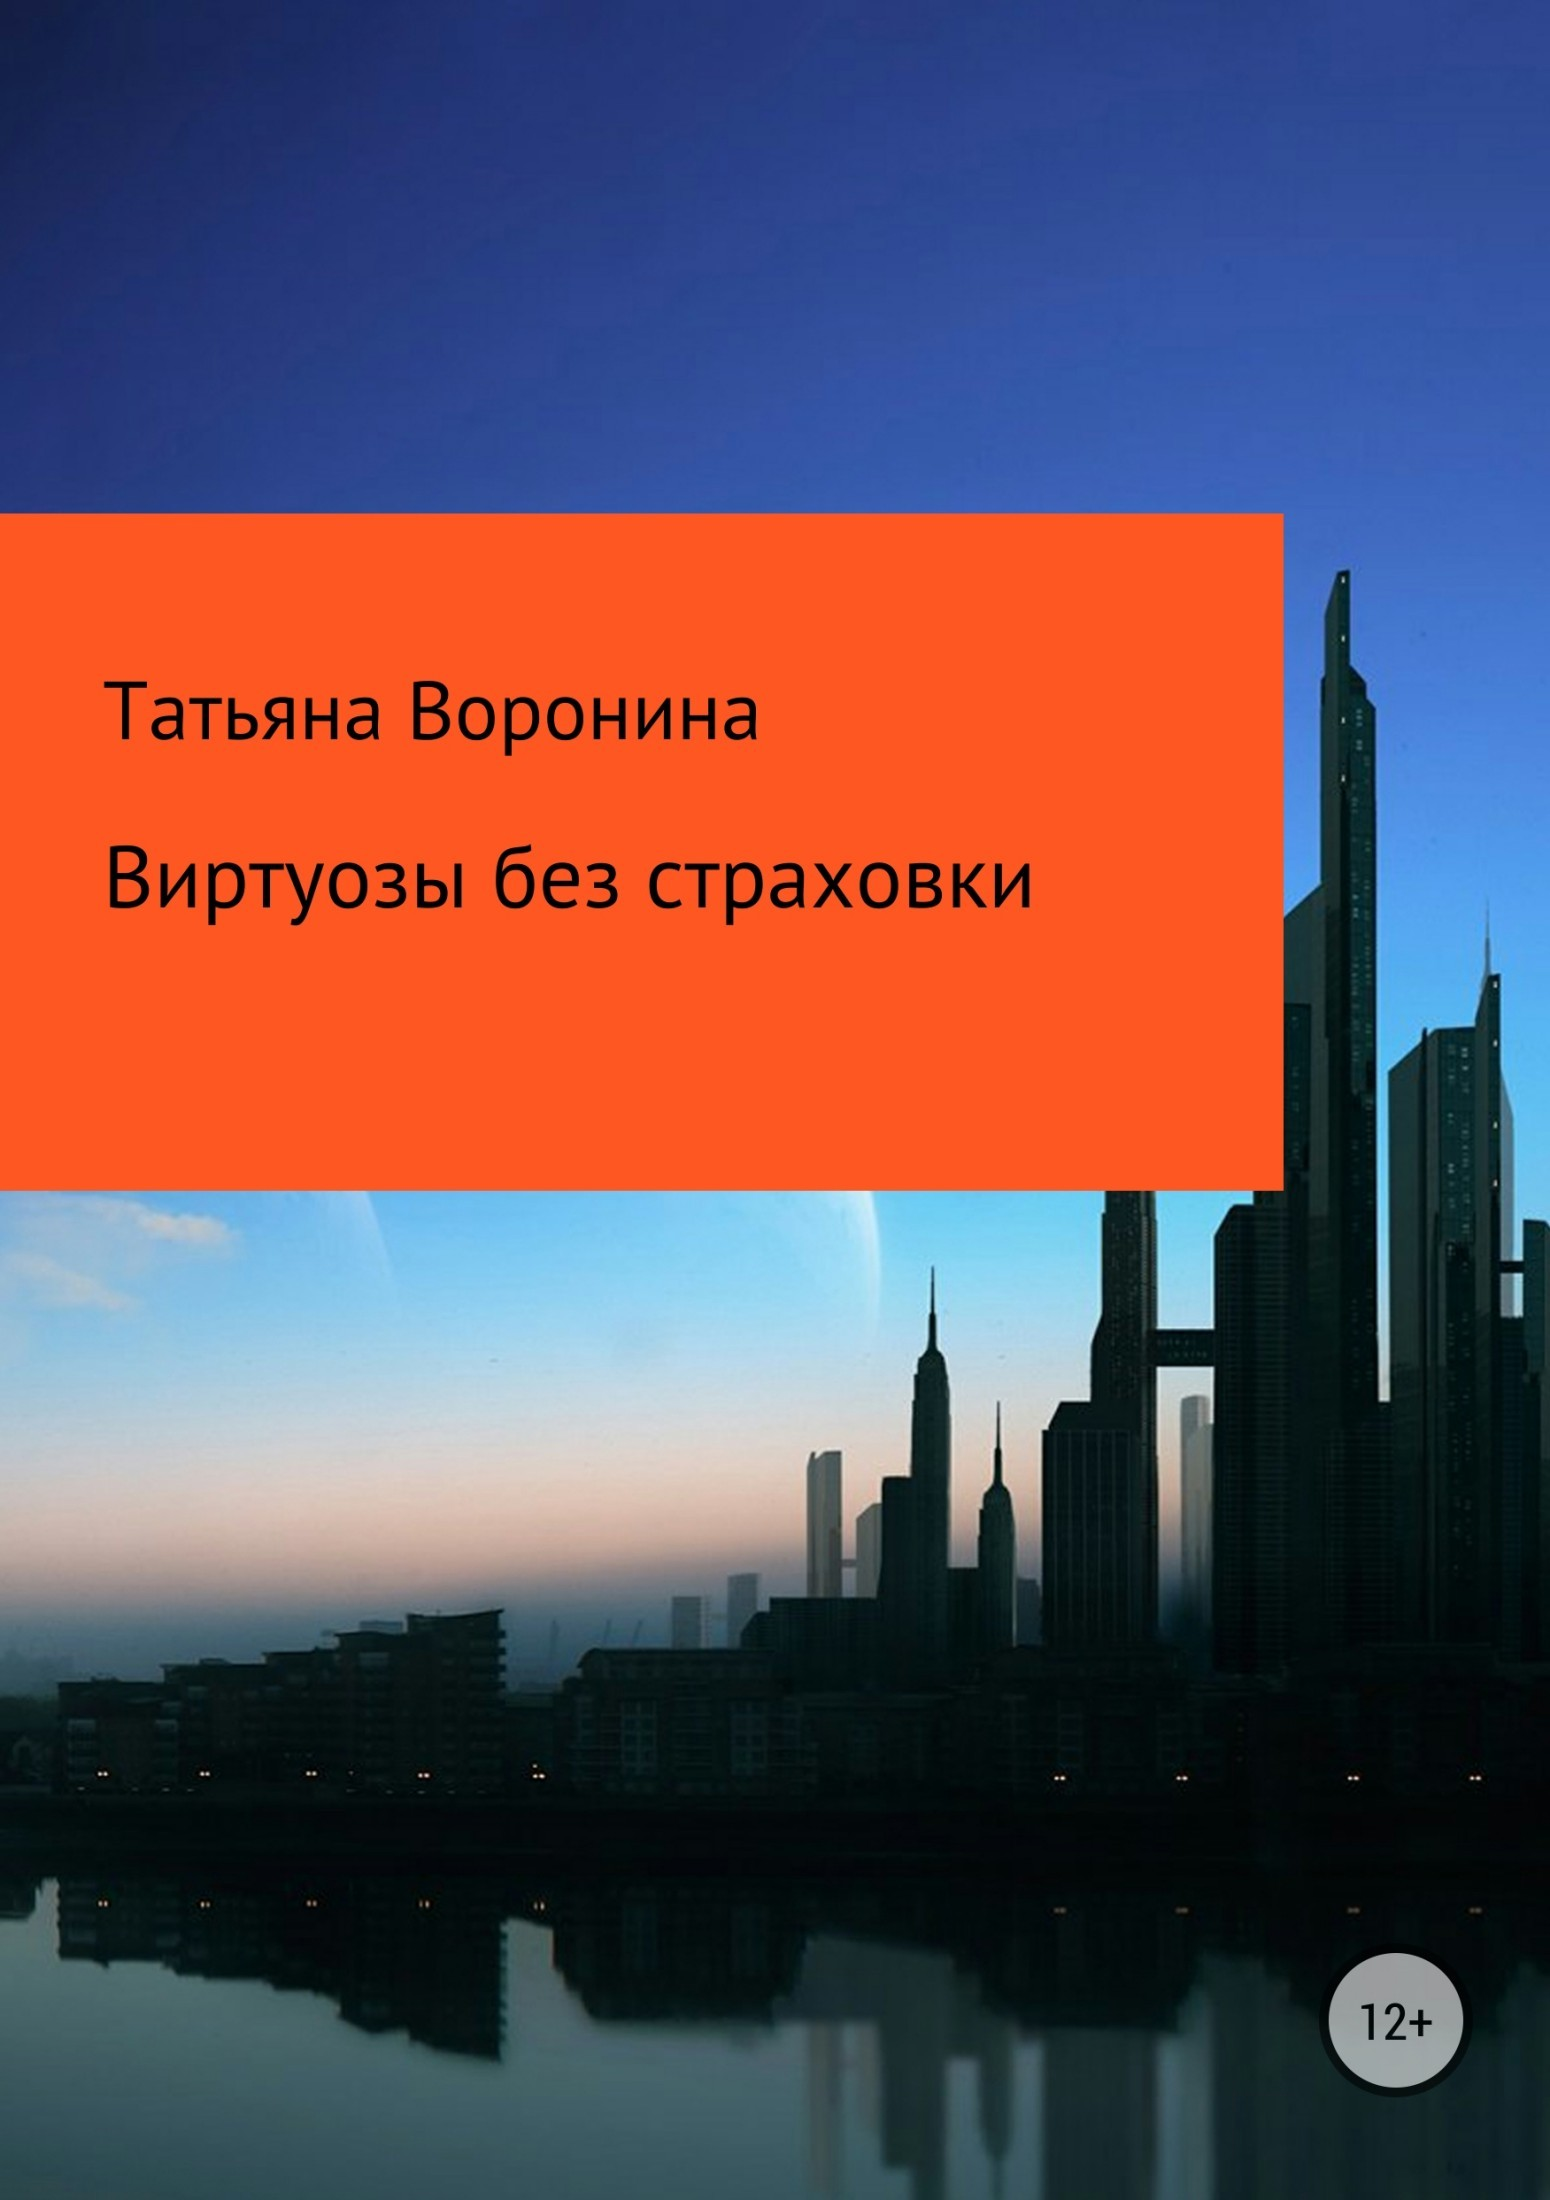 Виртуозы без страховки_Татьяна Анатольевна Воронина